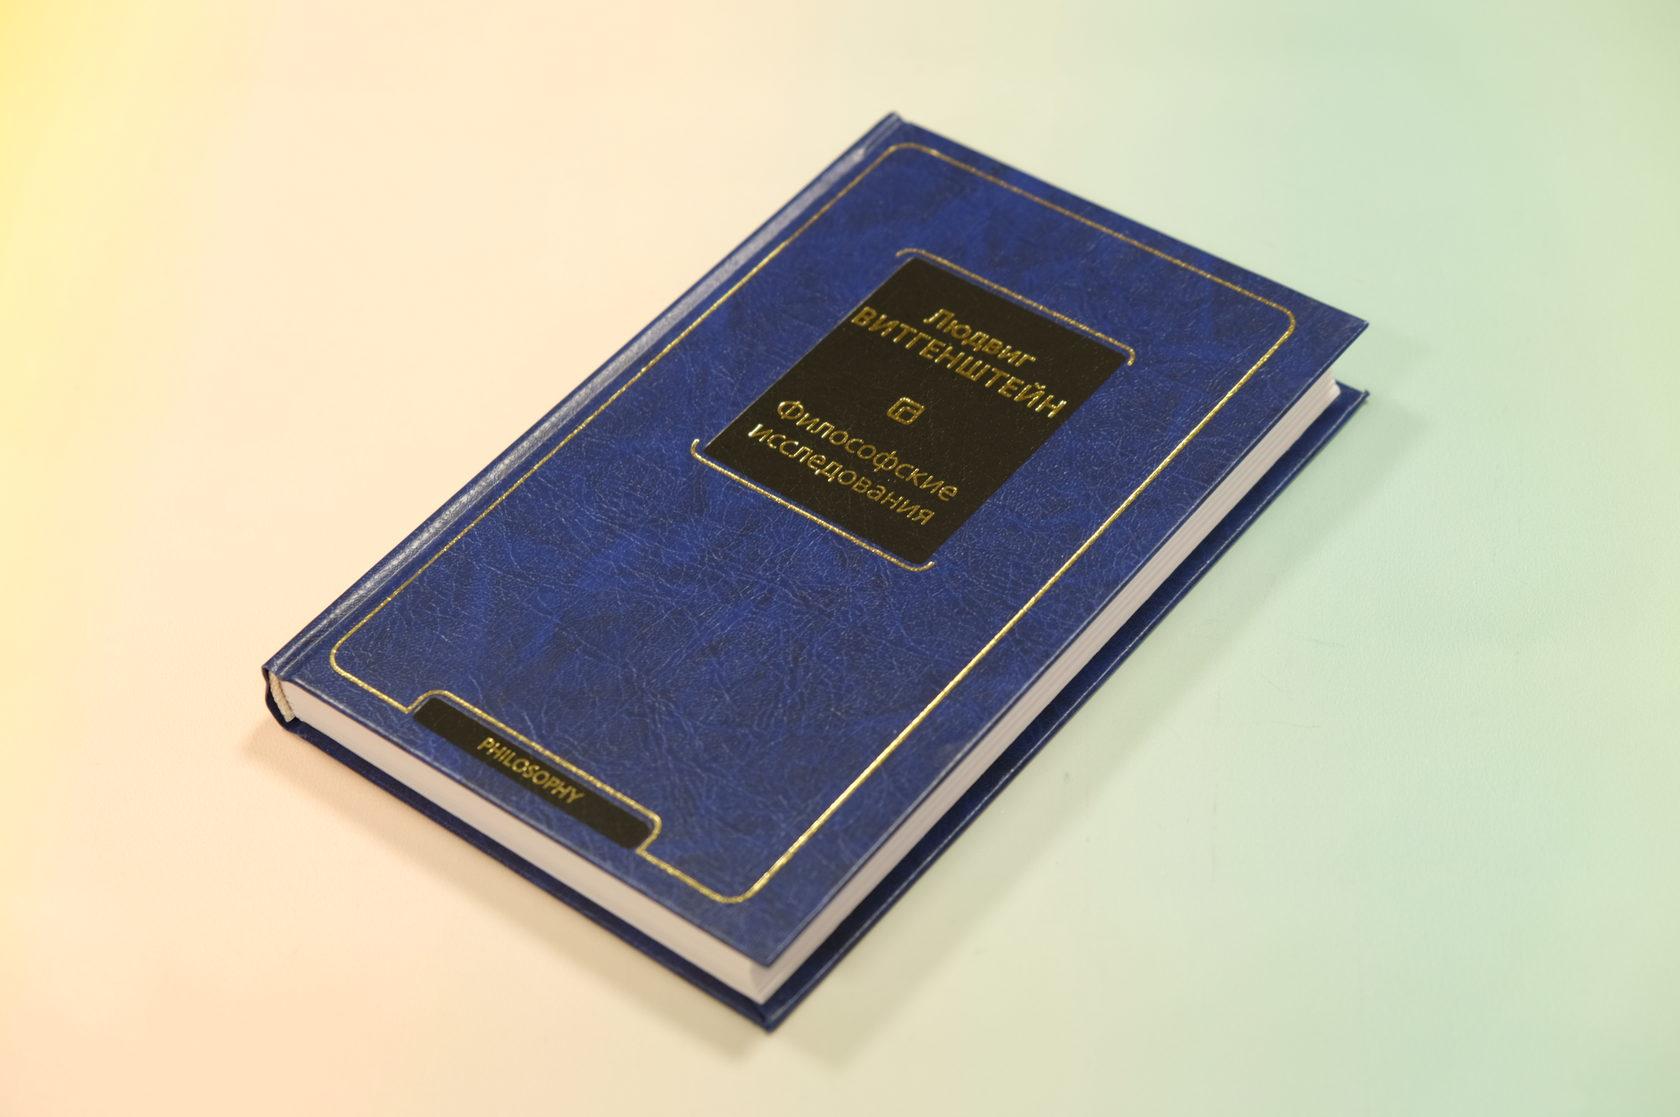 Людвиг Витгенштейн «Философские исследования»